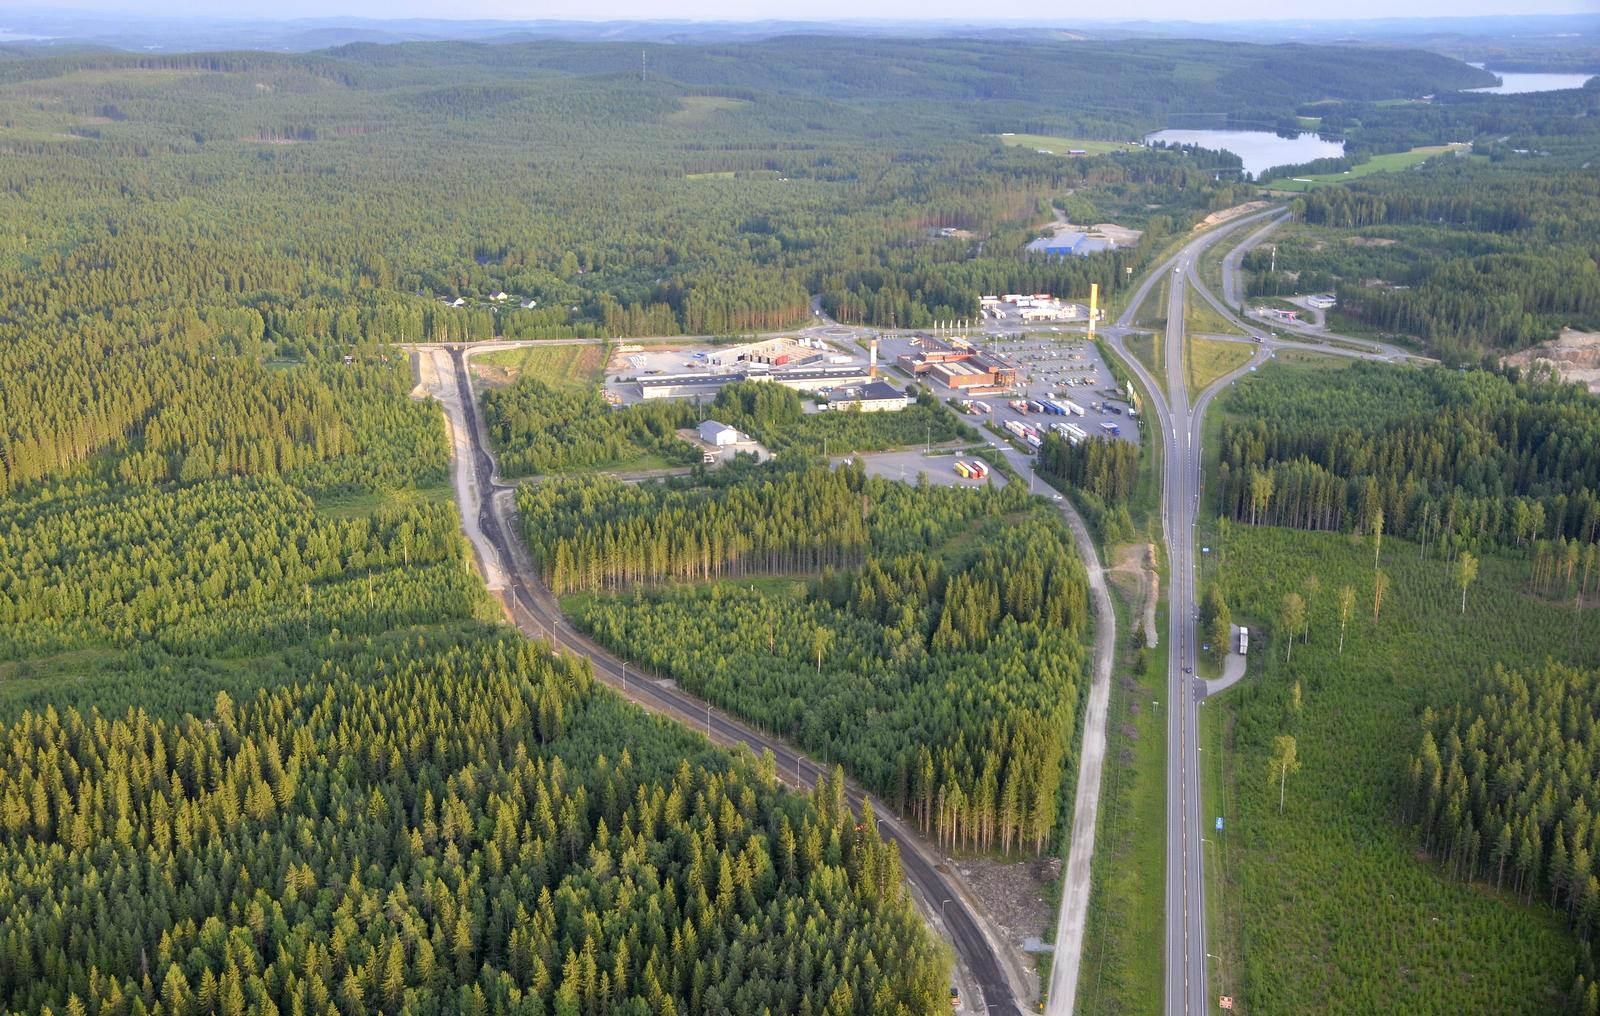 Rannankyläntien paikka on siirretty tuohon uuteen kohtaan vasemmalle.